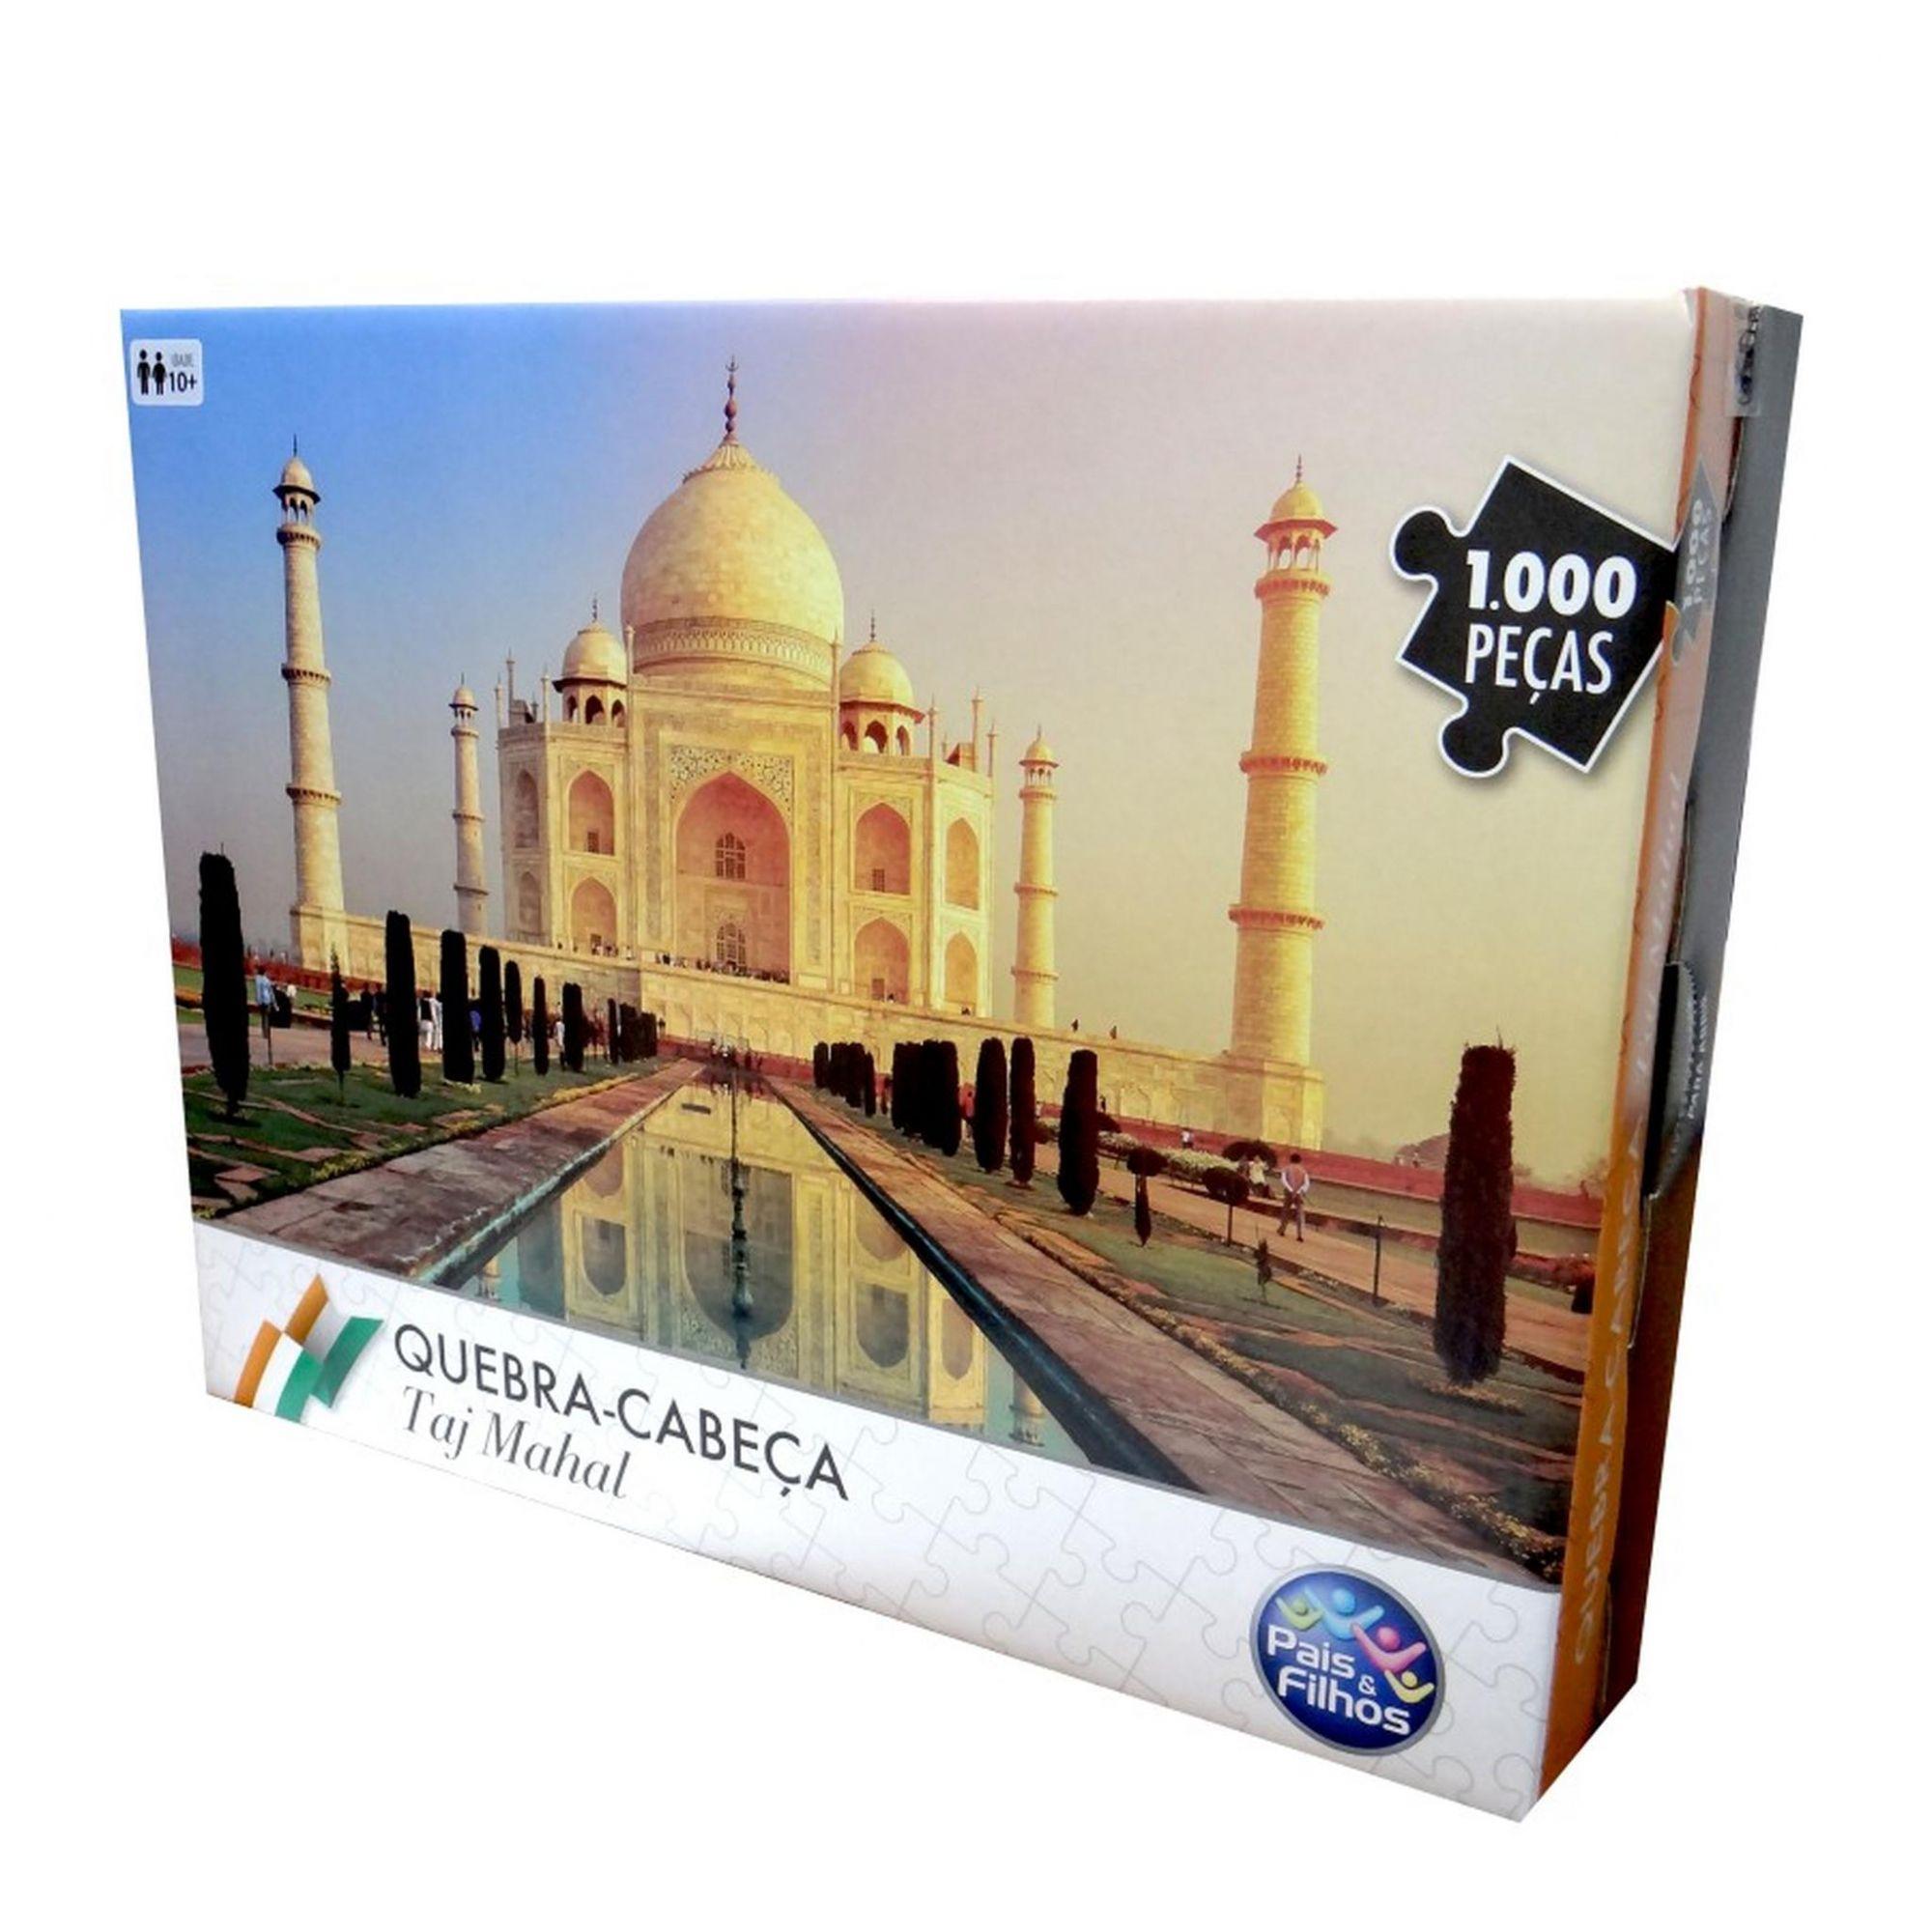 Quebra Cabeça Taj Mahal 1000 Peças - Pais e Filhos 7267